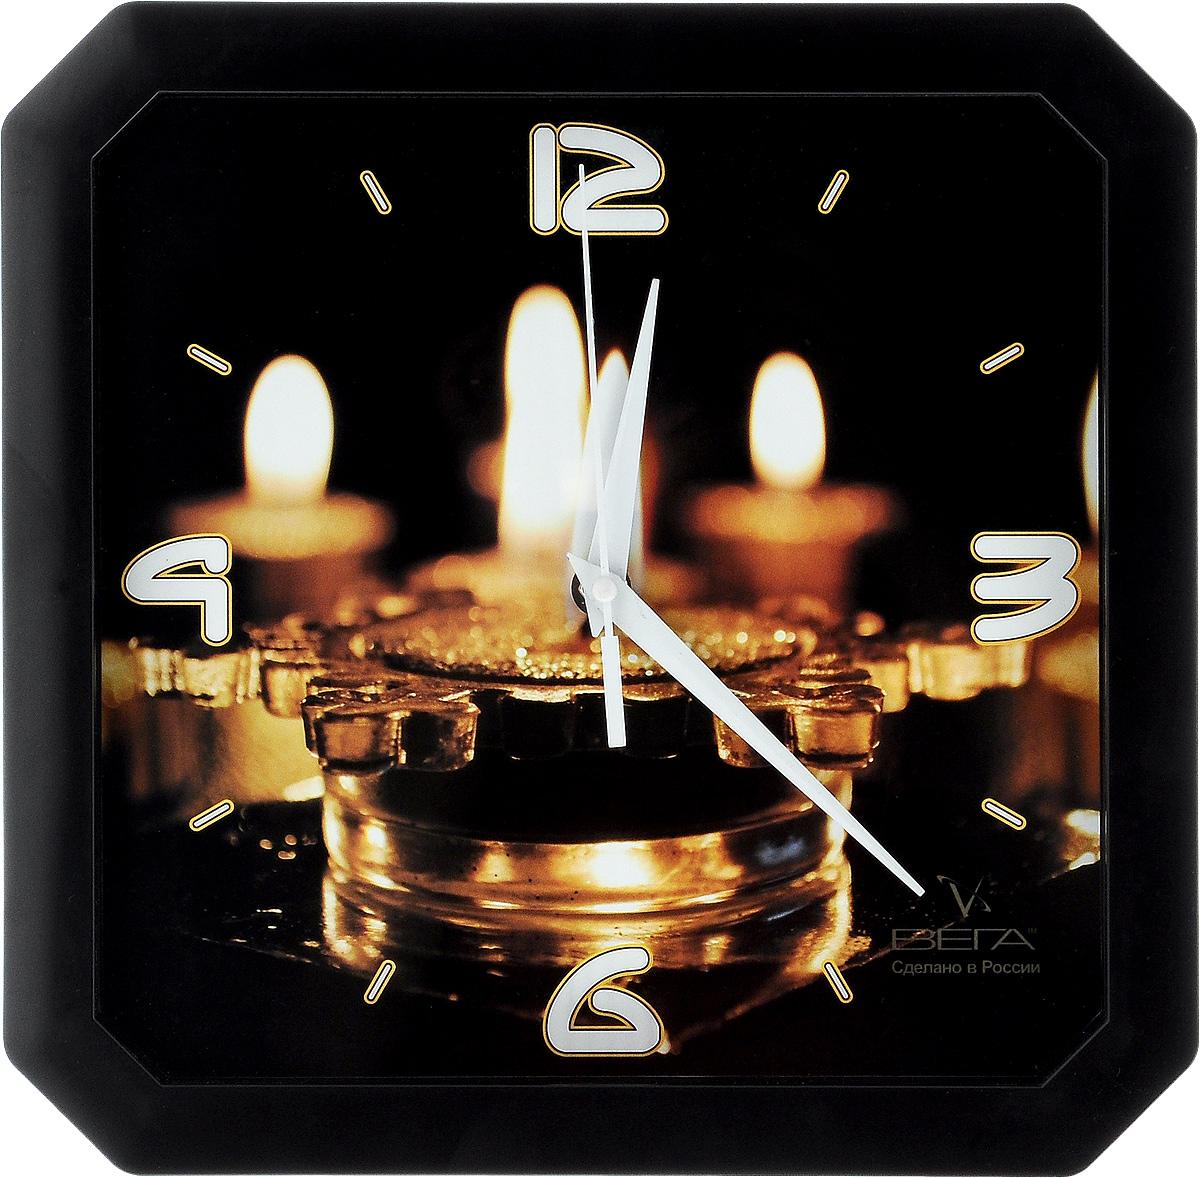 Часы настенные Вега Свечи, 28 х 28 смП4-6/6-59Настенные кварцевые часы Вега Свечи,изготовленные из пластика, прекрасно впишутся винтерьер вашего дома. Часы имеют три стрелки: часовую,минутную и секундную, циферблат защищен прозрачнымстеклом.Часы работают от 1 батарейки типа АА напряжением 1,5 В(не входит в комплект). Прилагается инструкция по эксплуатации.